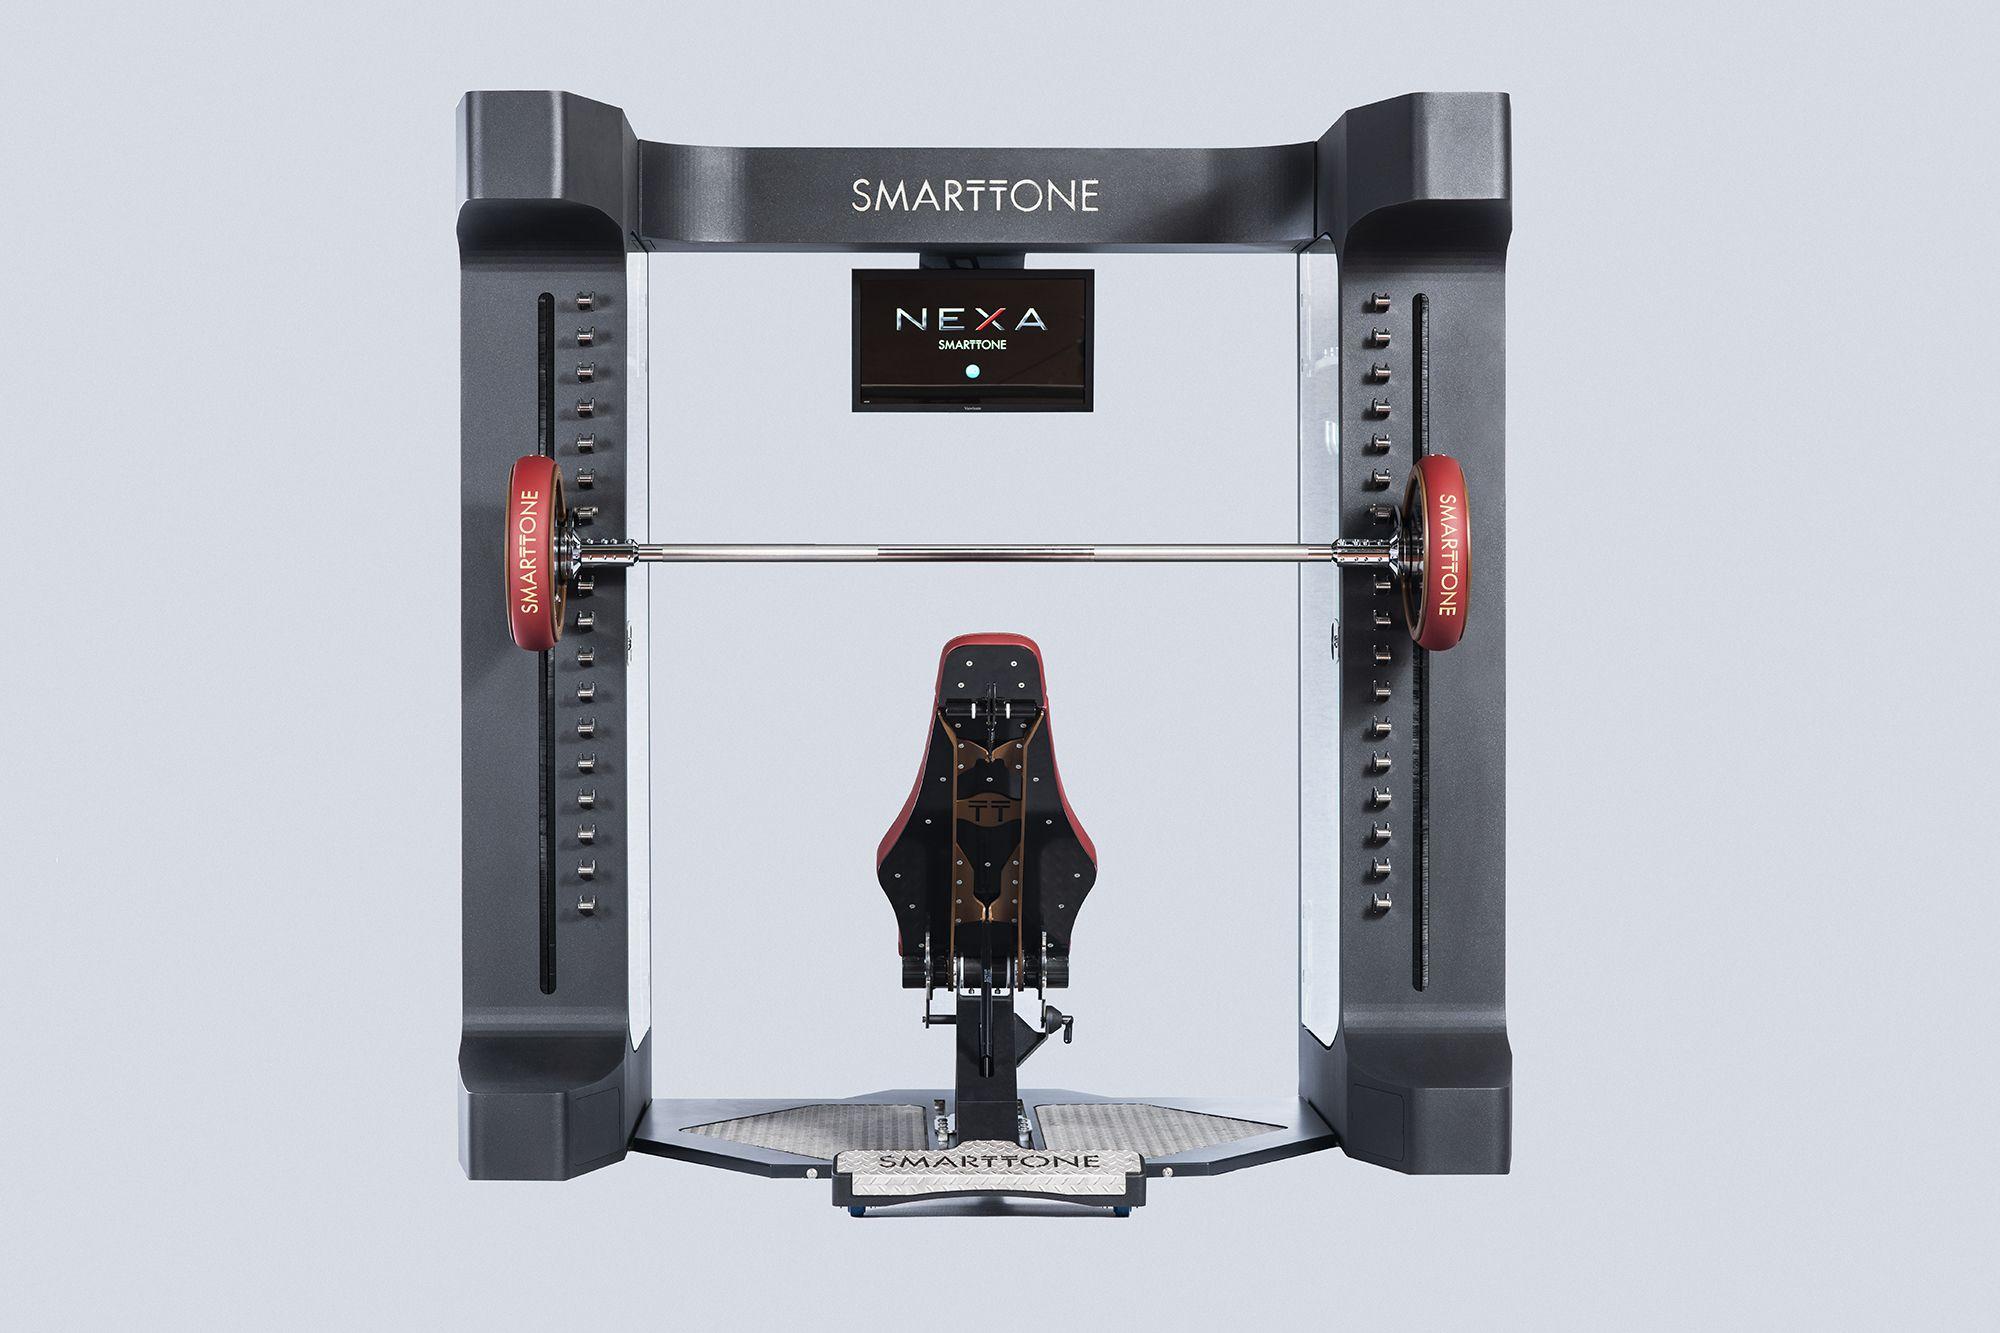 Fitness inteligente: así es Nexa, la máquina multipower que le pedirás al director de tu gimnasio